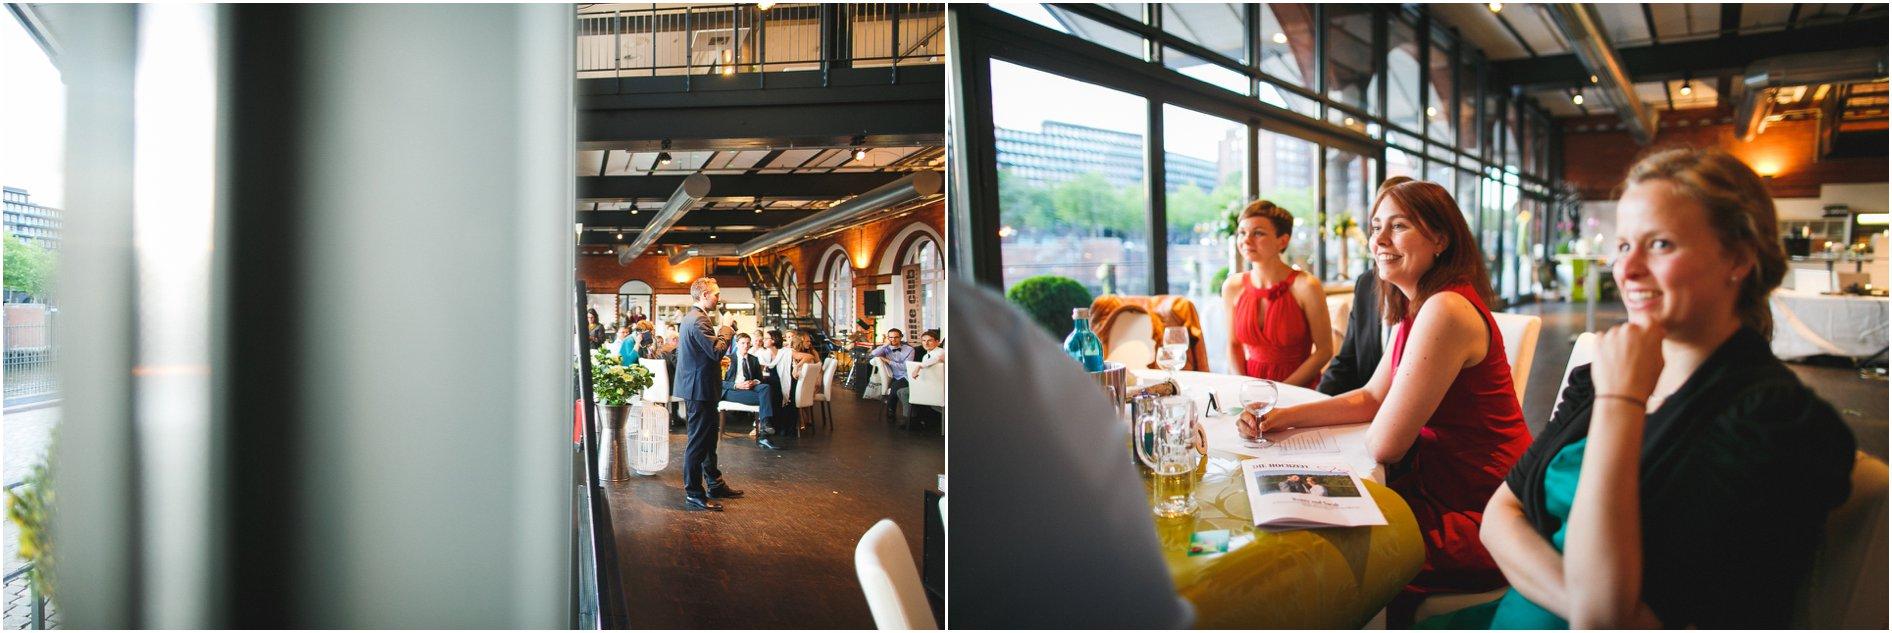 2014-07-16_0353 Über die Elbe mit Sarah & Benny